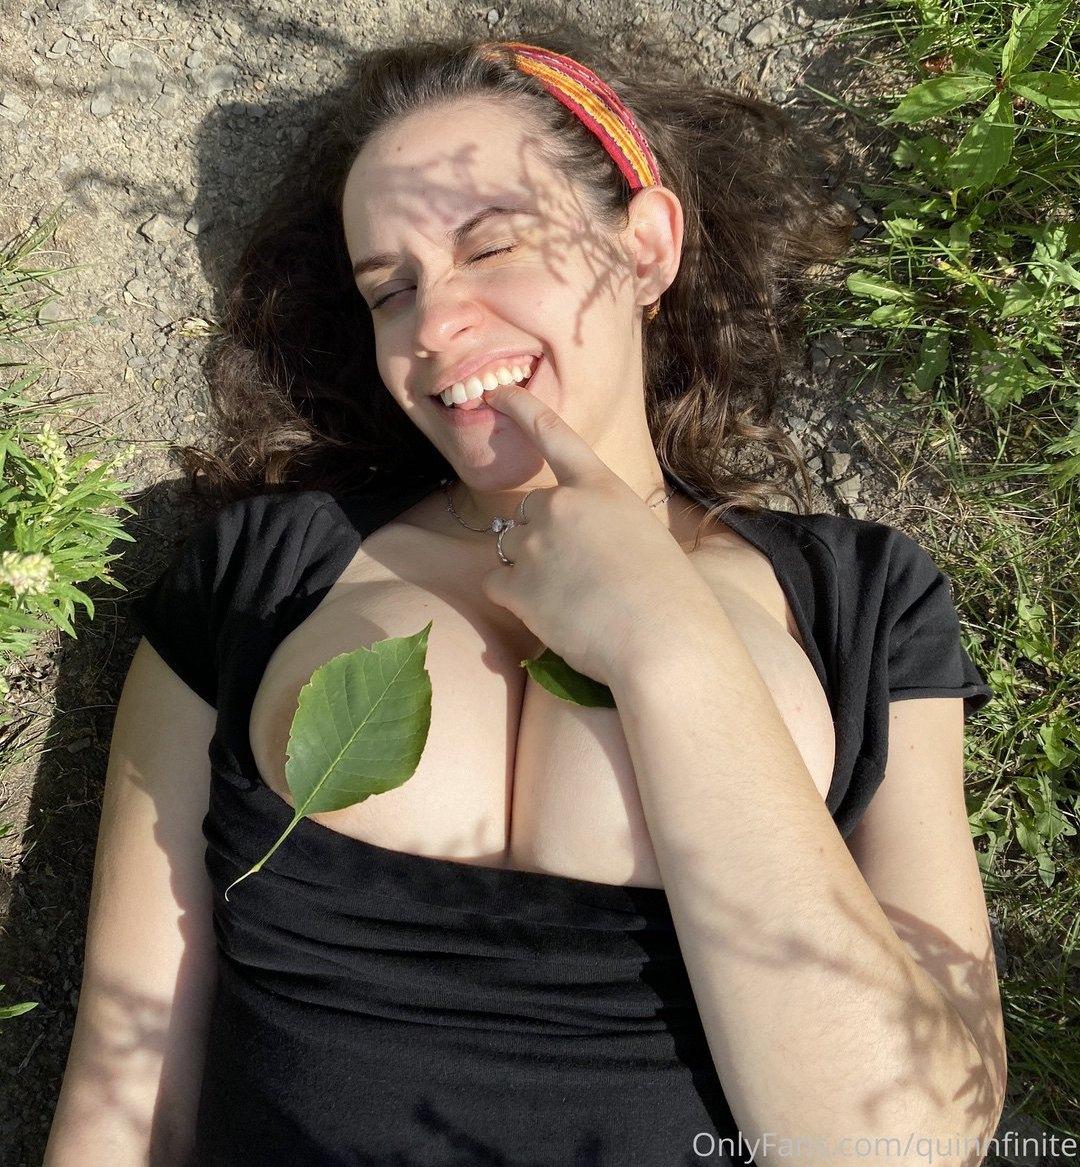 Quinn Finite Quinnfinite Onlyfans Nudes Leaks 0008